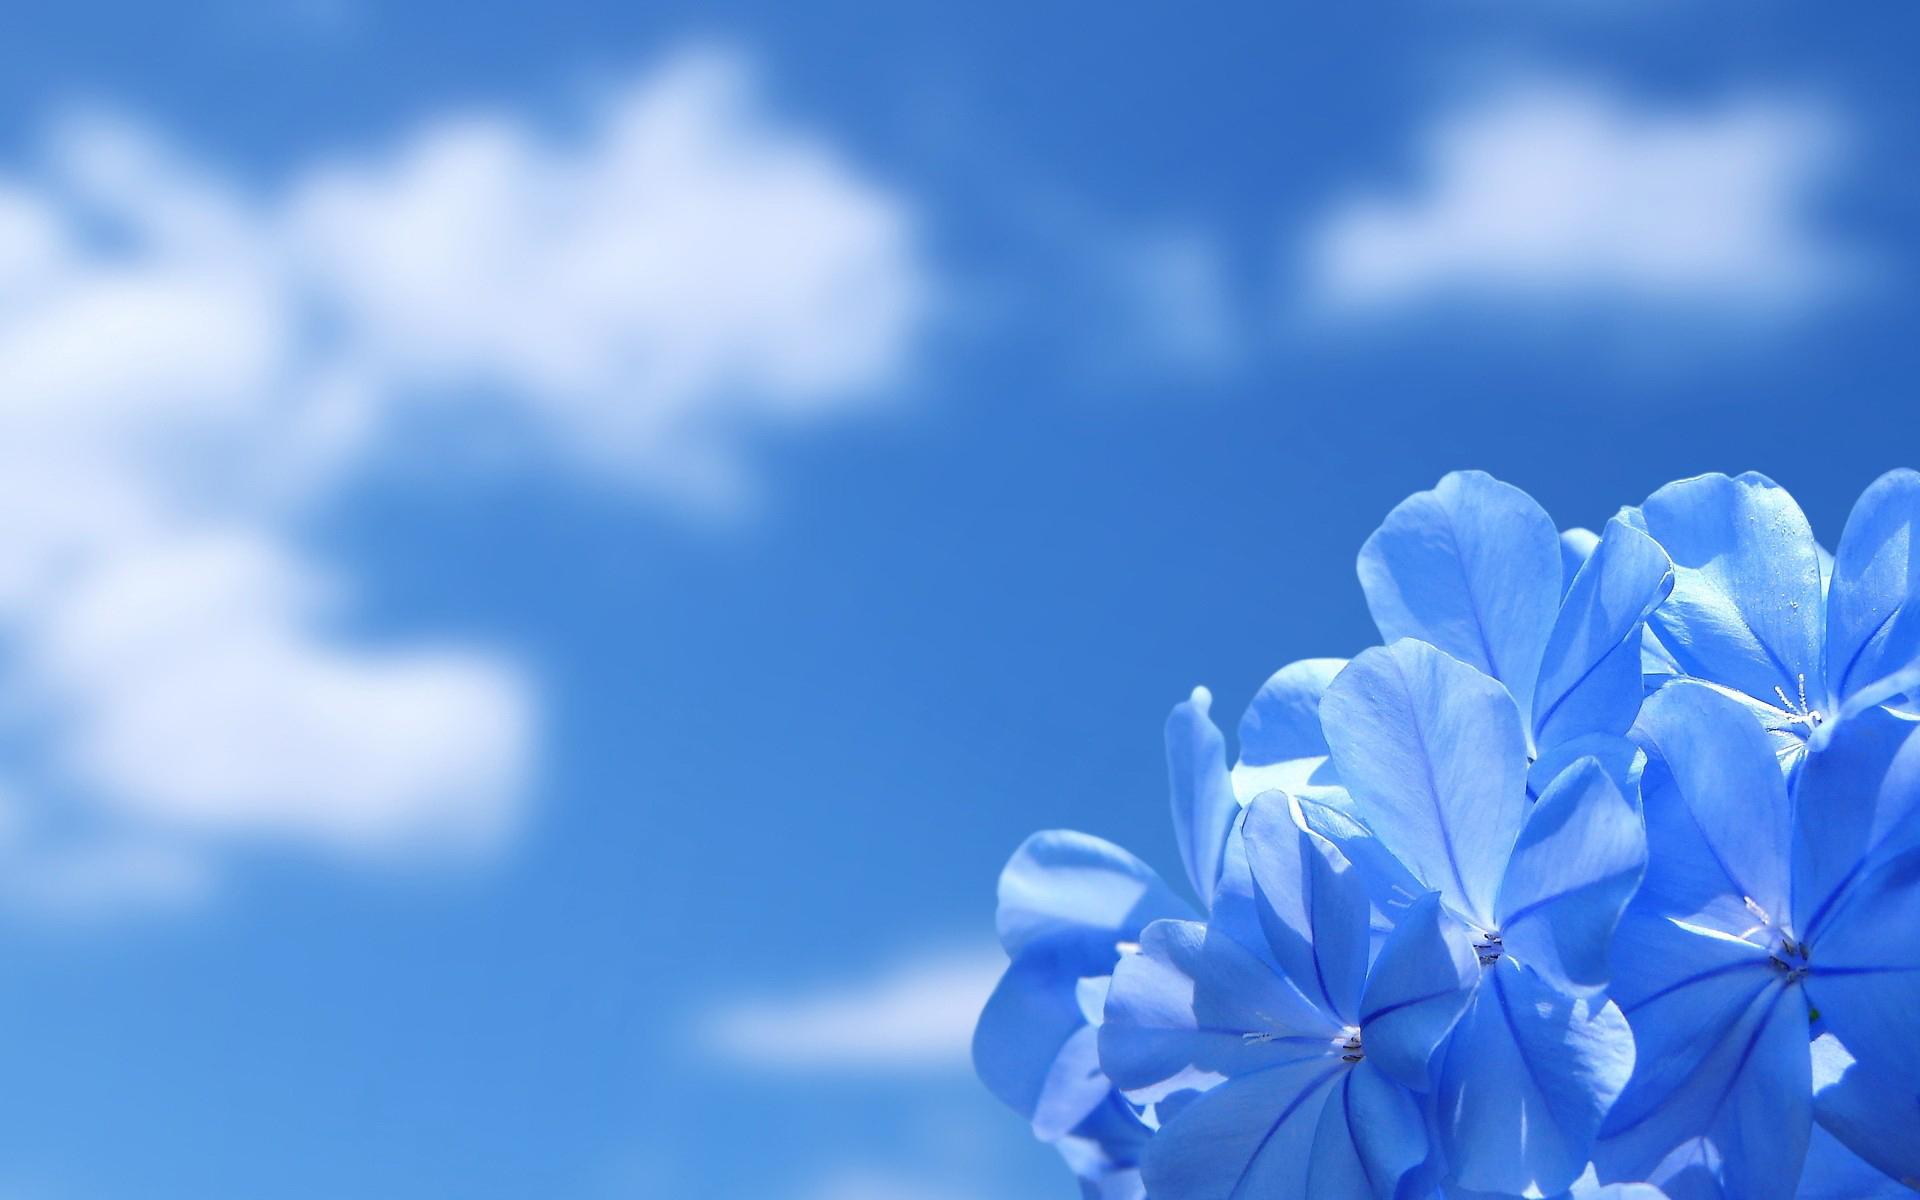 Hình nền hoa xanh dương